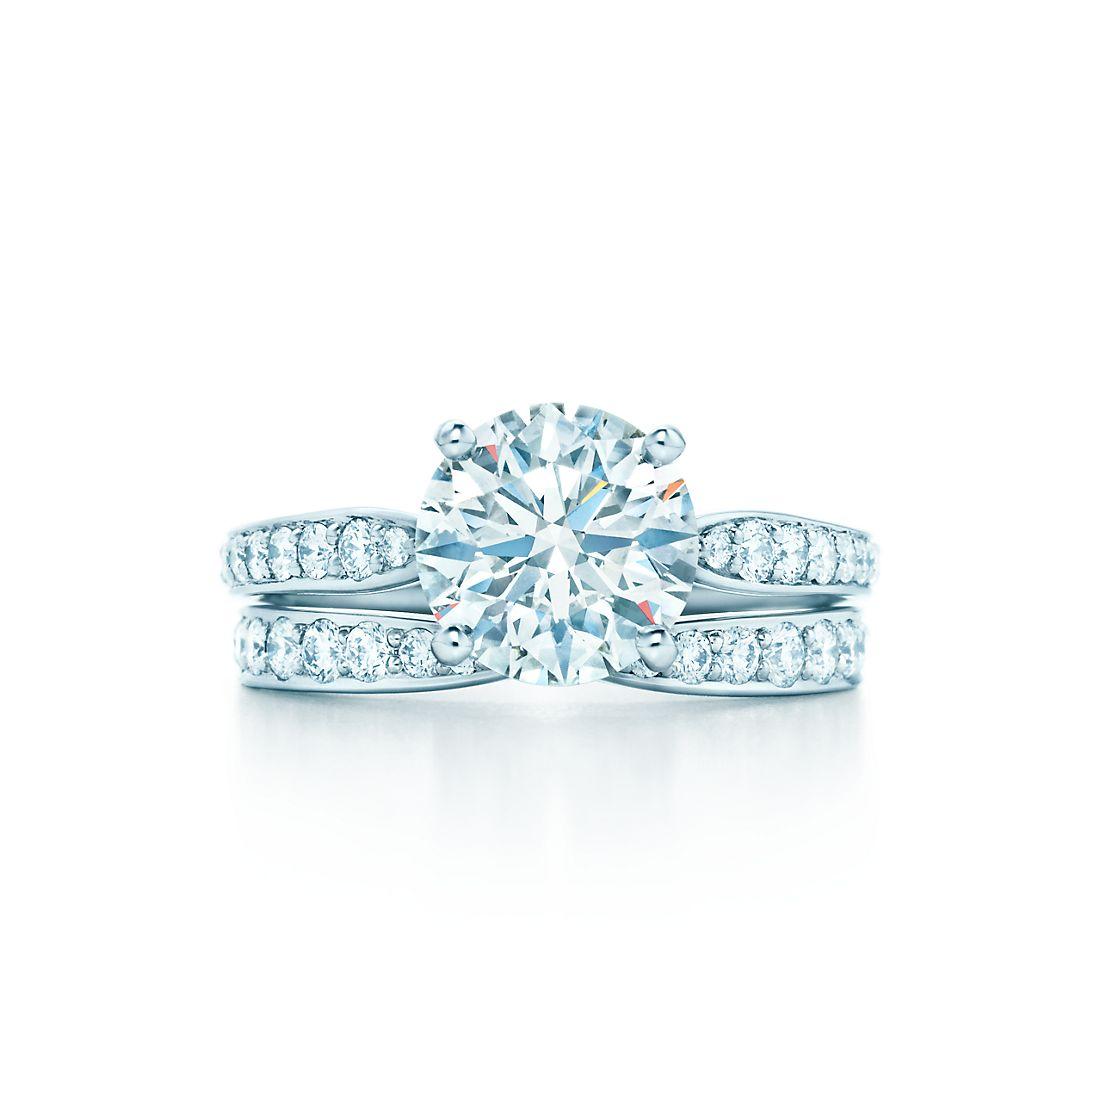 1 99 Carats Shown With Tiffany Harmony Bead Set Diamond Ring